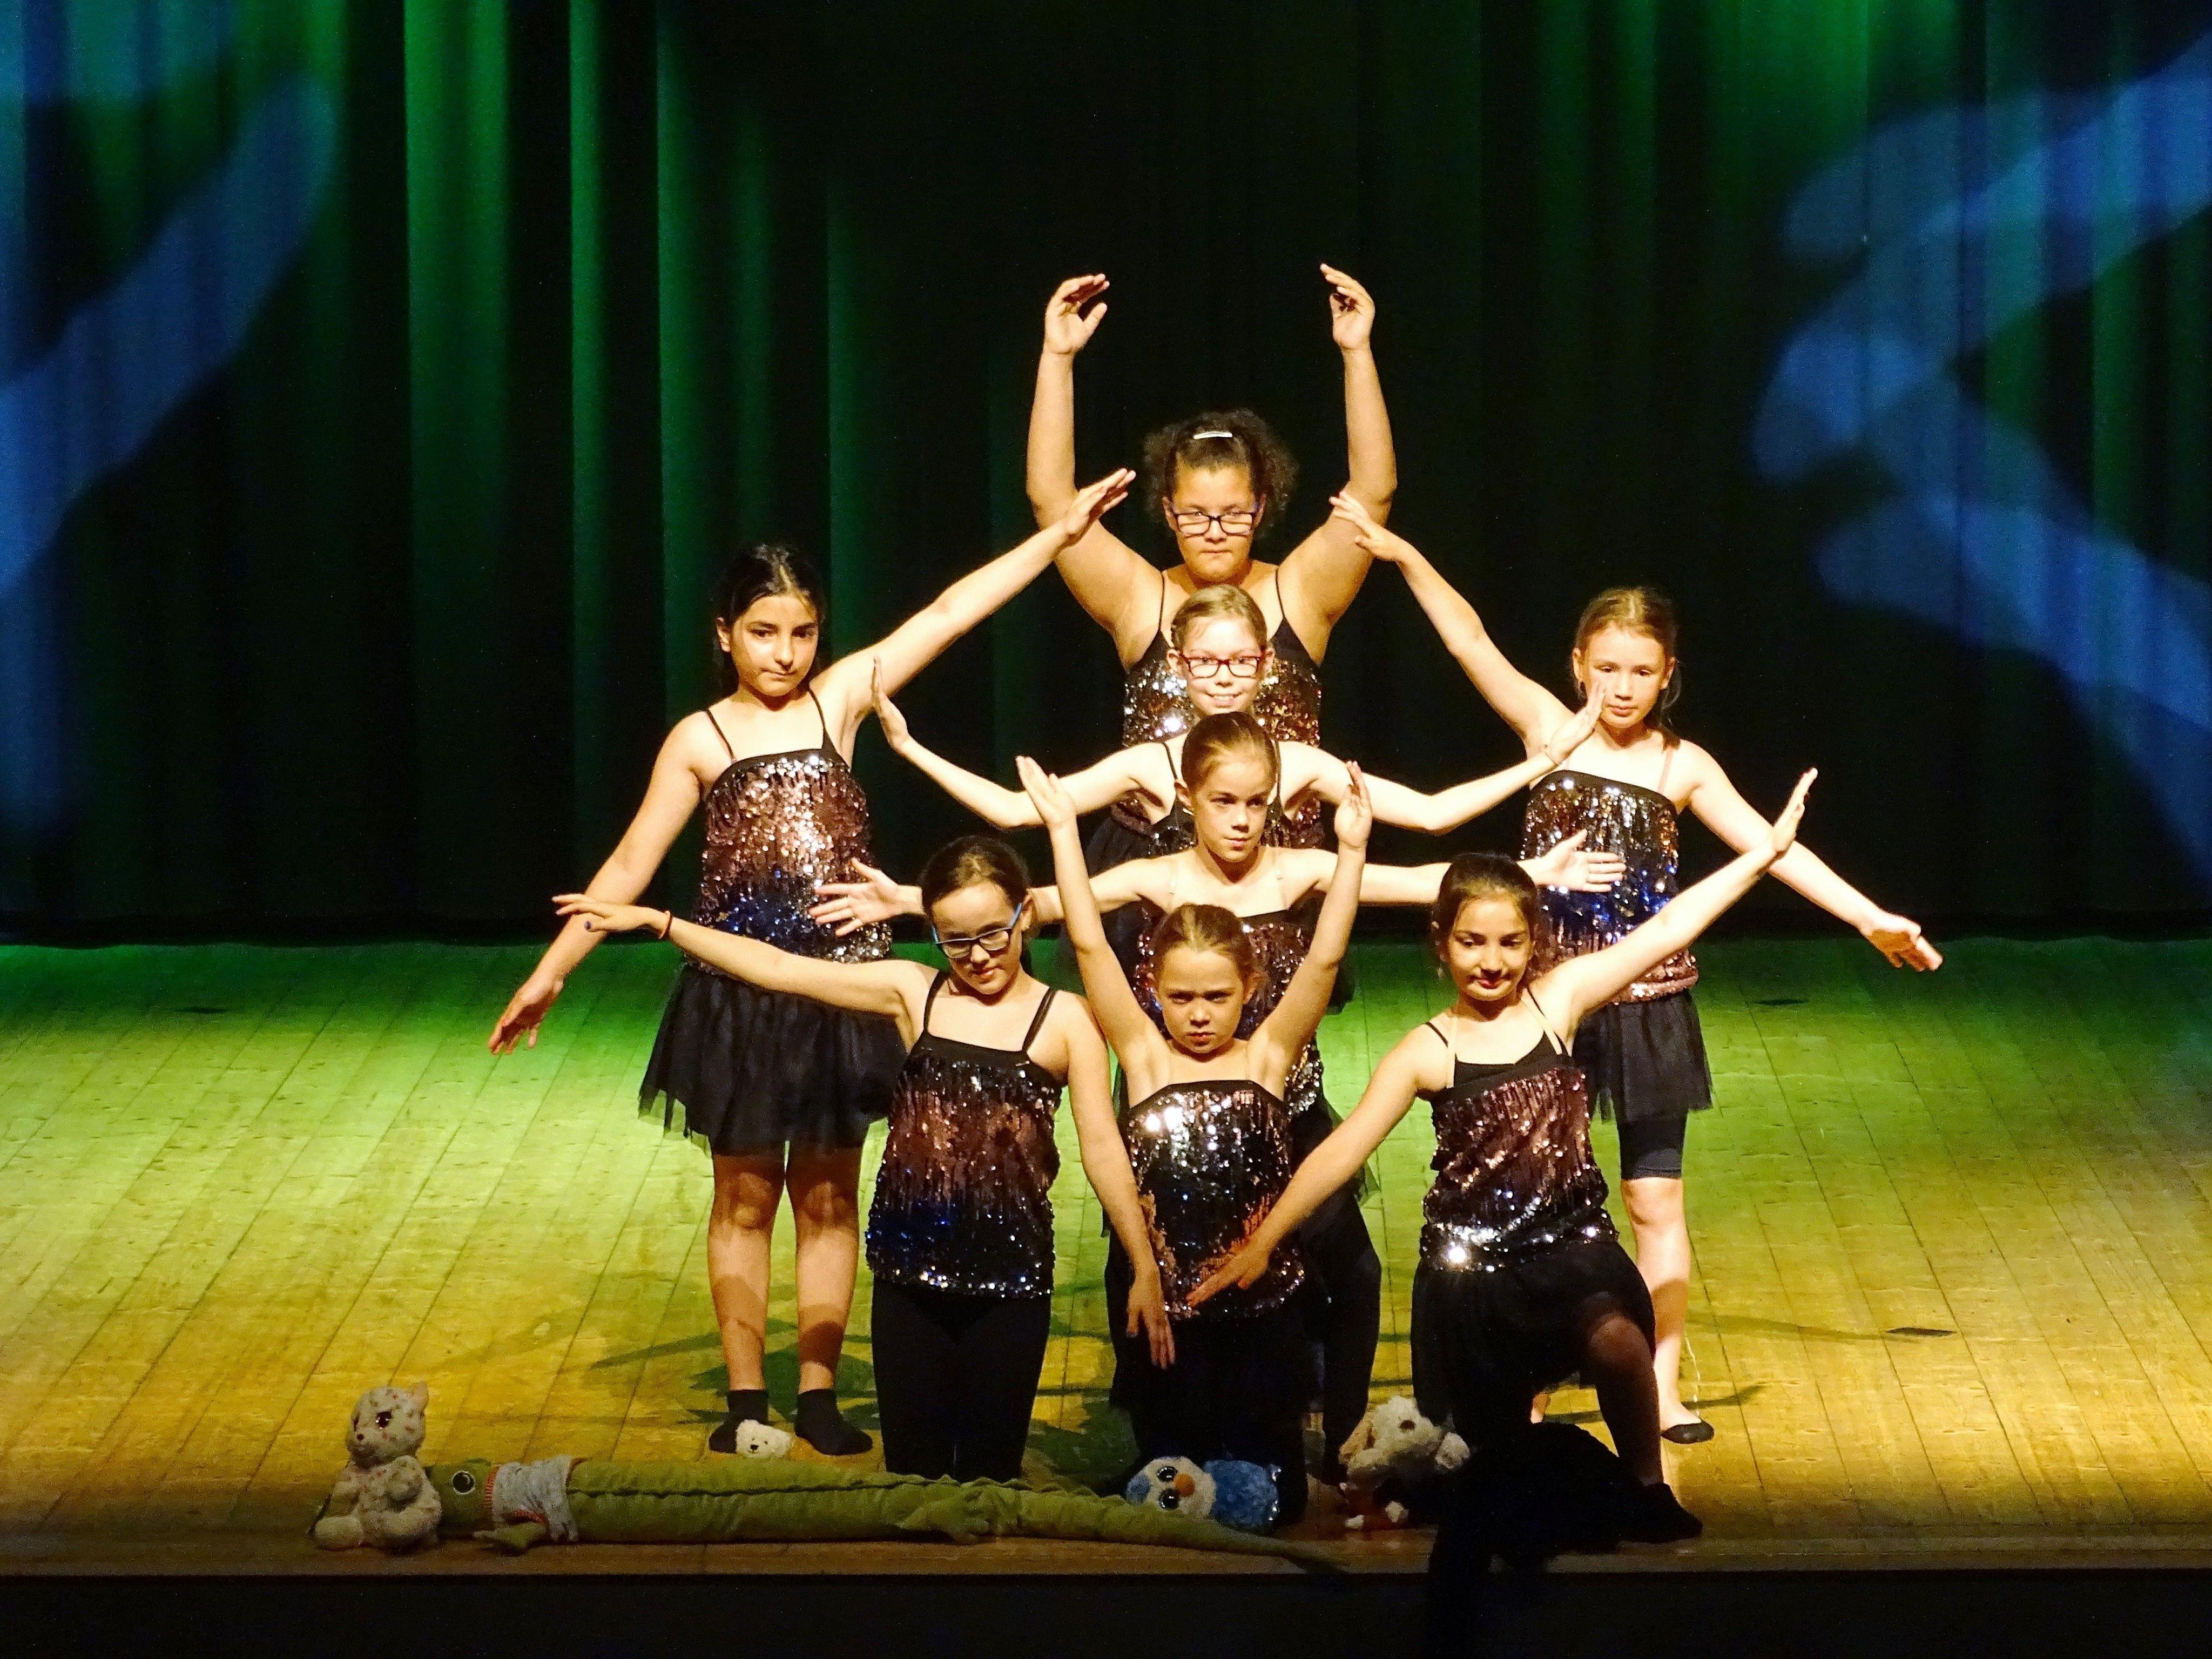 Bei der diesjährigen Tanzaufführung der Städtischen Musikschule gab es wieder viele tolle Choreografien zu sehen.